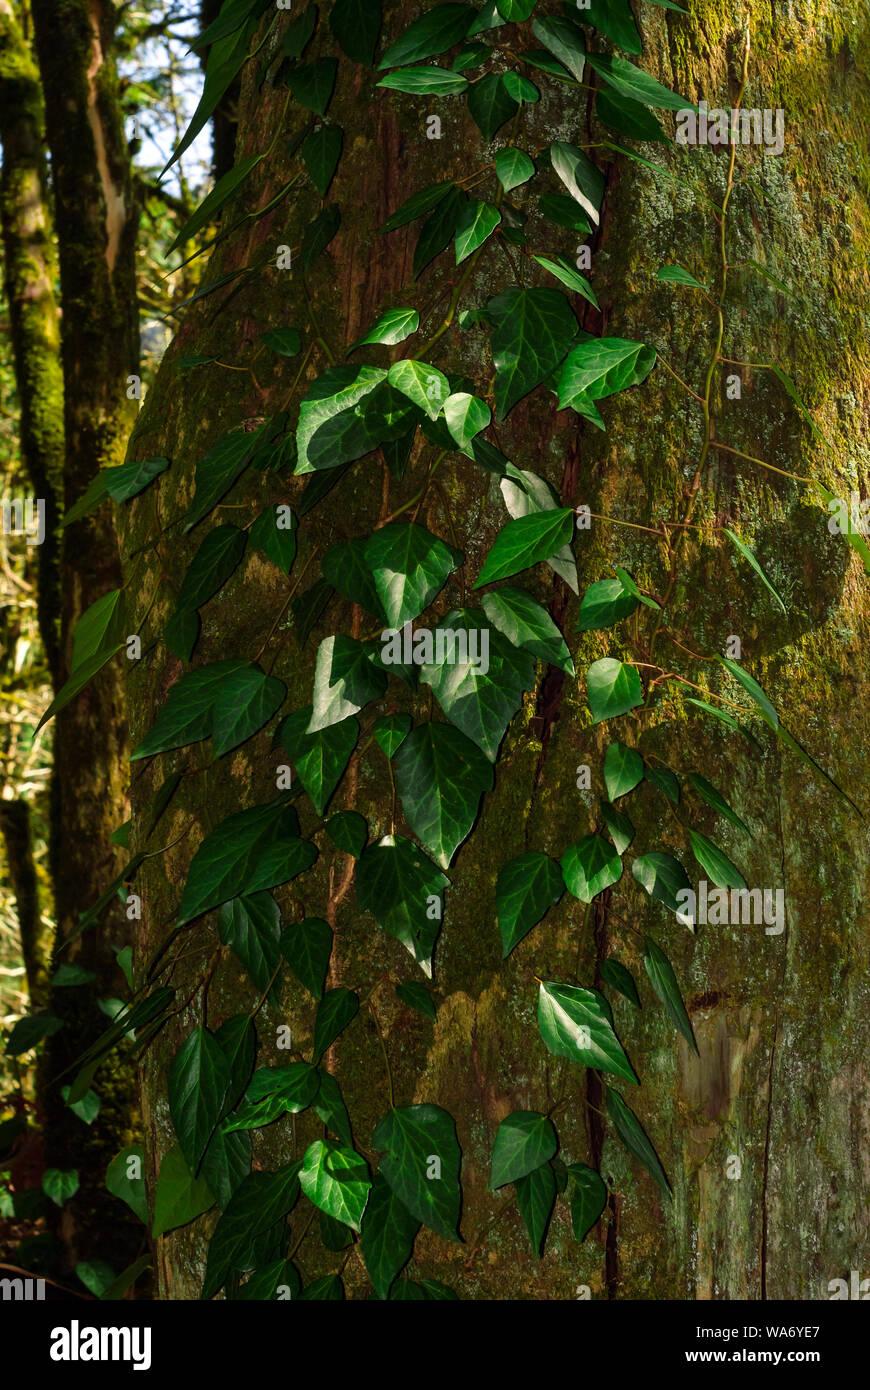 Arrière-plan vertical - colchide lierre sur un tronc d'arbre moussu à sec Banque D'Images